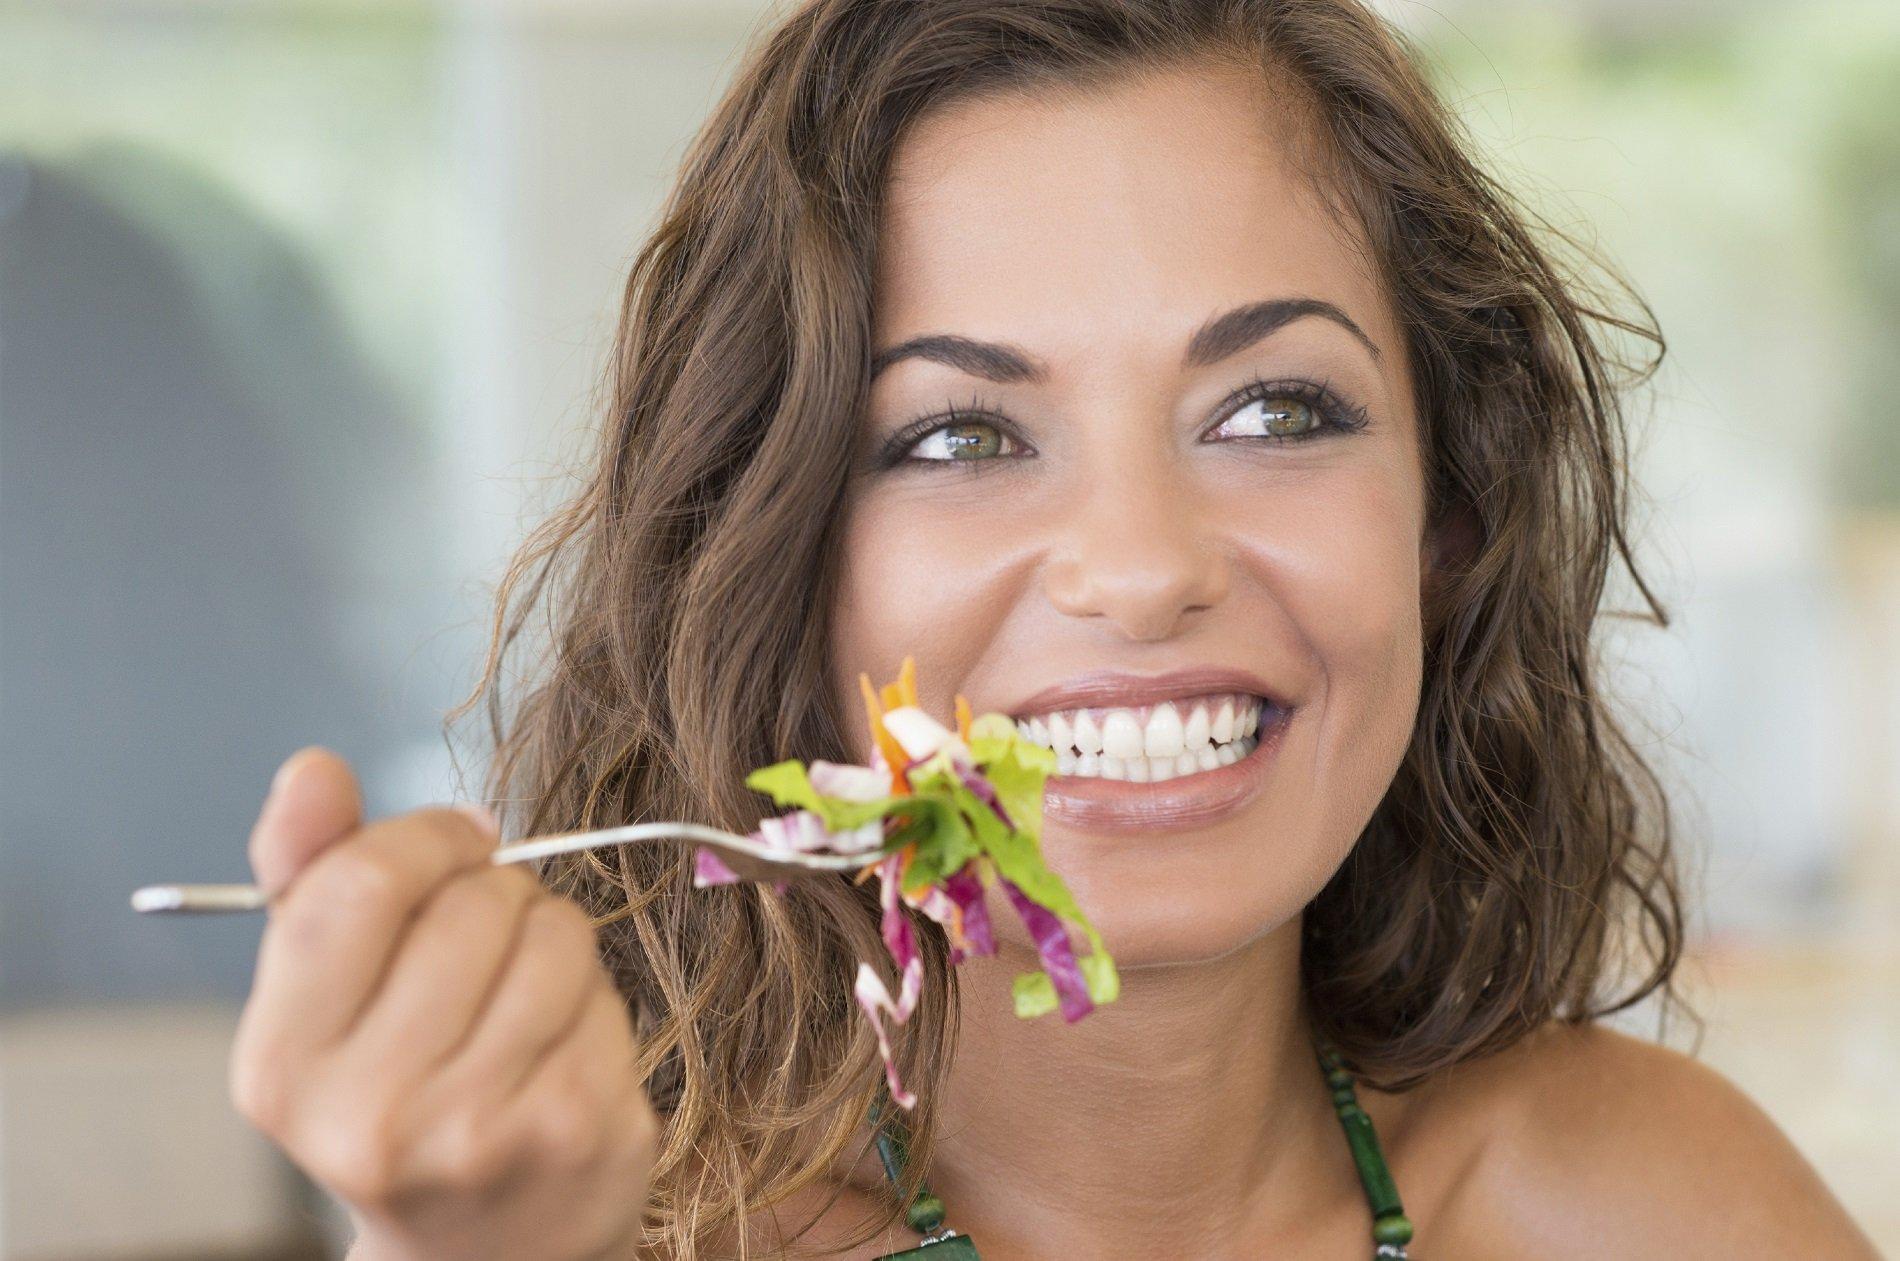 Come migliorare la salute delle gengive con l'alimentazione